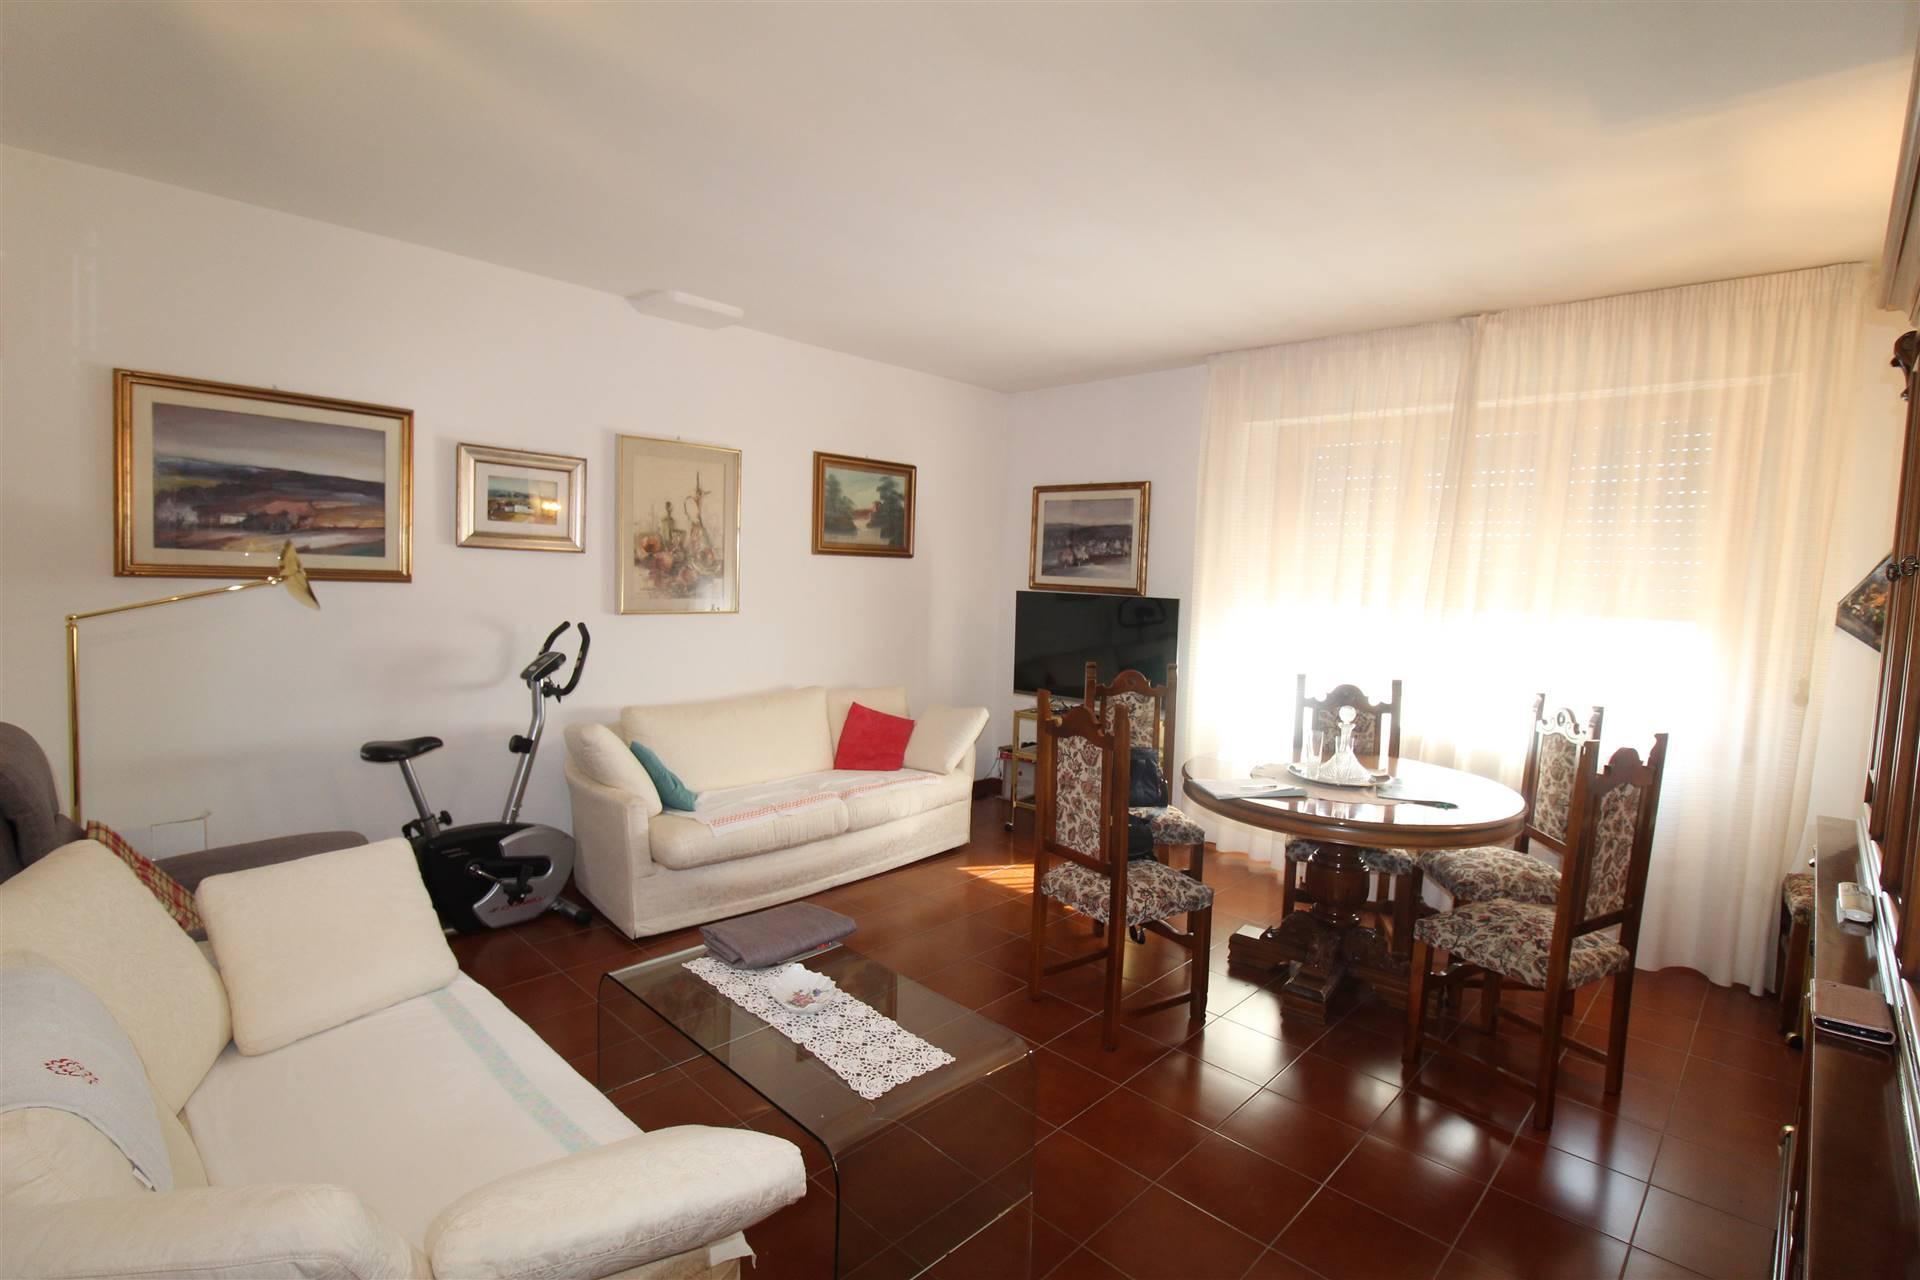 Appartamento in vendita a Siena, 6 locali, zona Località: VICO ALTO, prezzo € 350.000   PortaleAgenzieImmobiliari.it